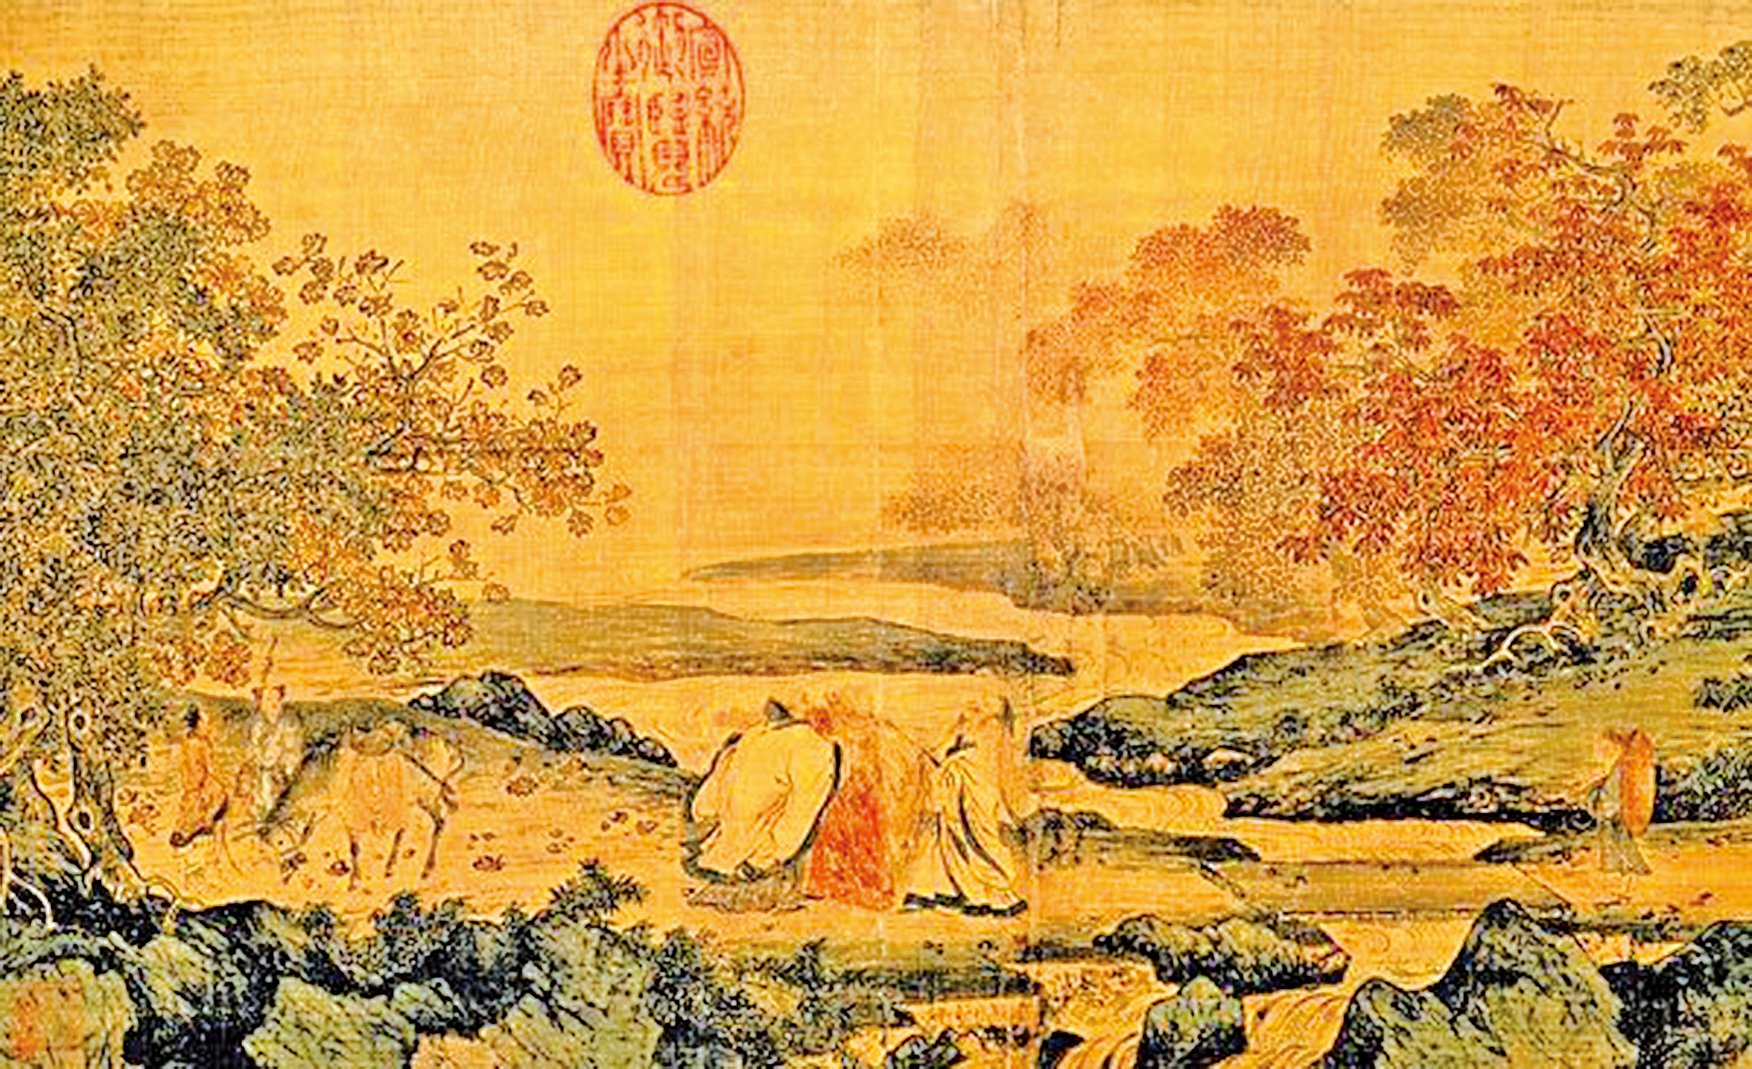 唐詩三十首巔峰之作,背下來會讓你思路大開(圖片:Wikimedia Commons)